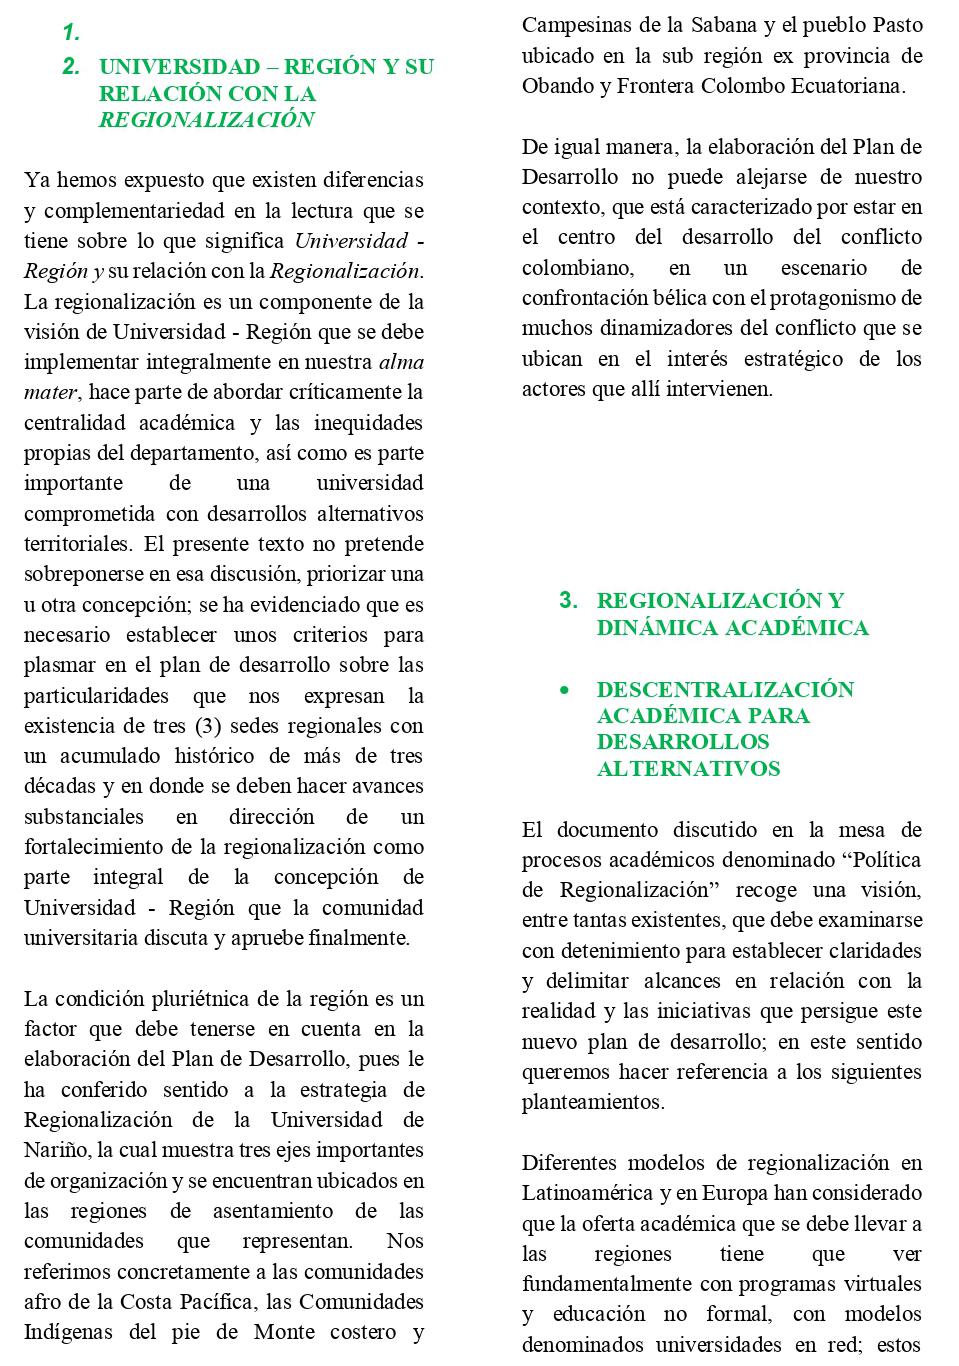 EL-PAPEL-DE-LAS-SEDES-REGIONALES-PLAN-DE-DESARROLLO_4